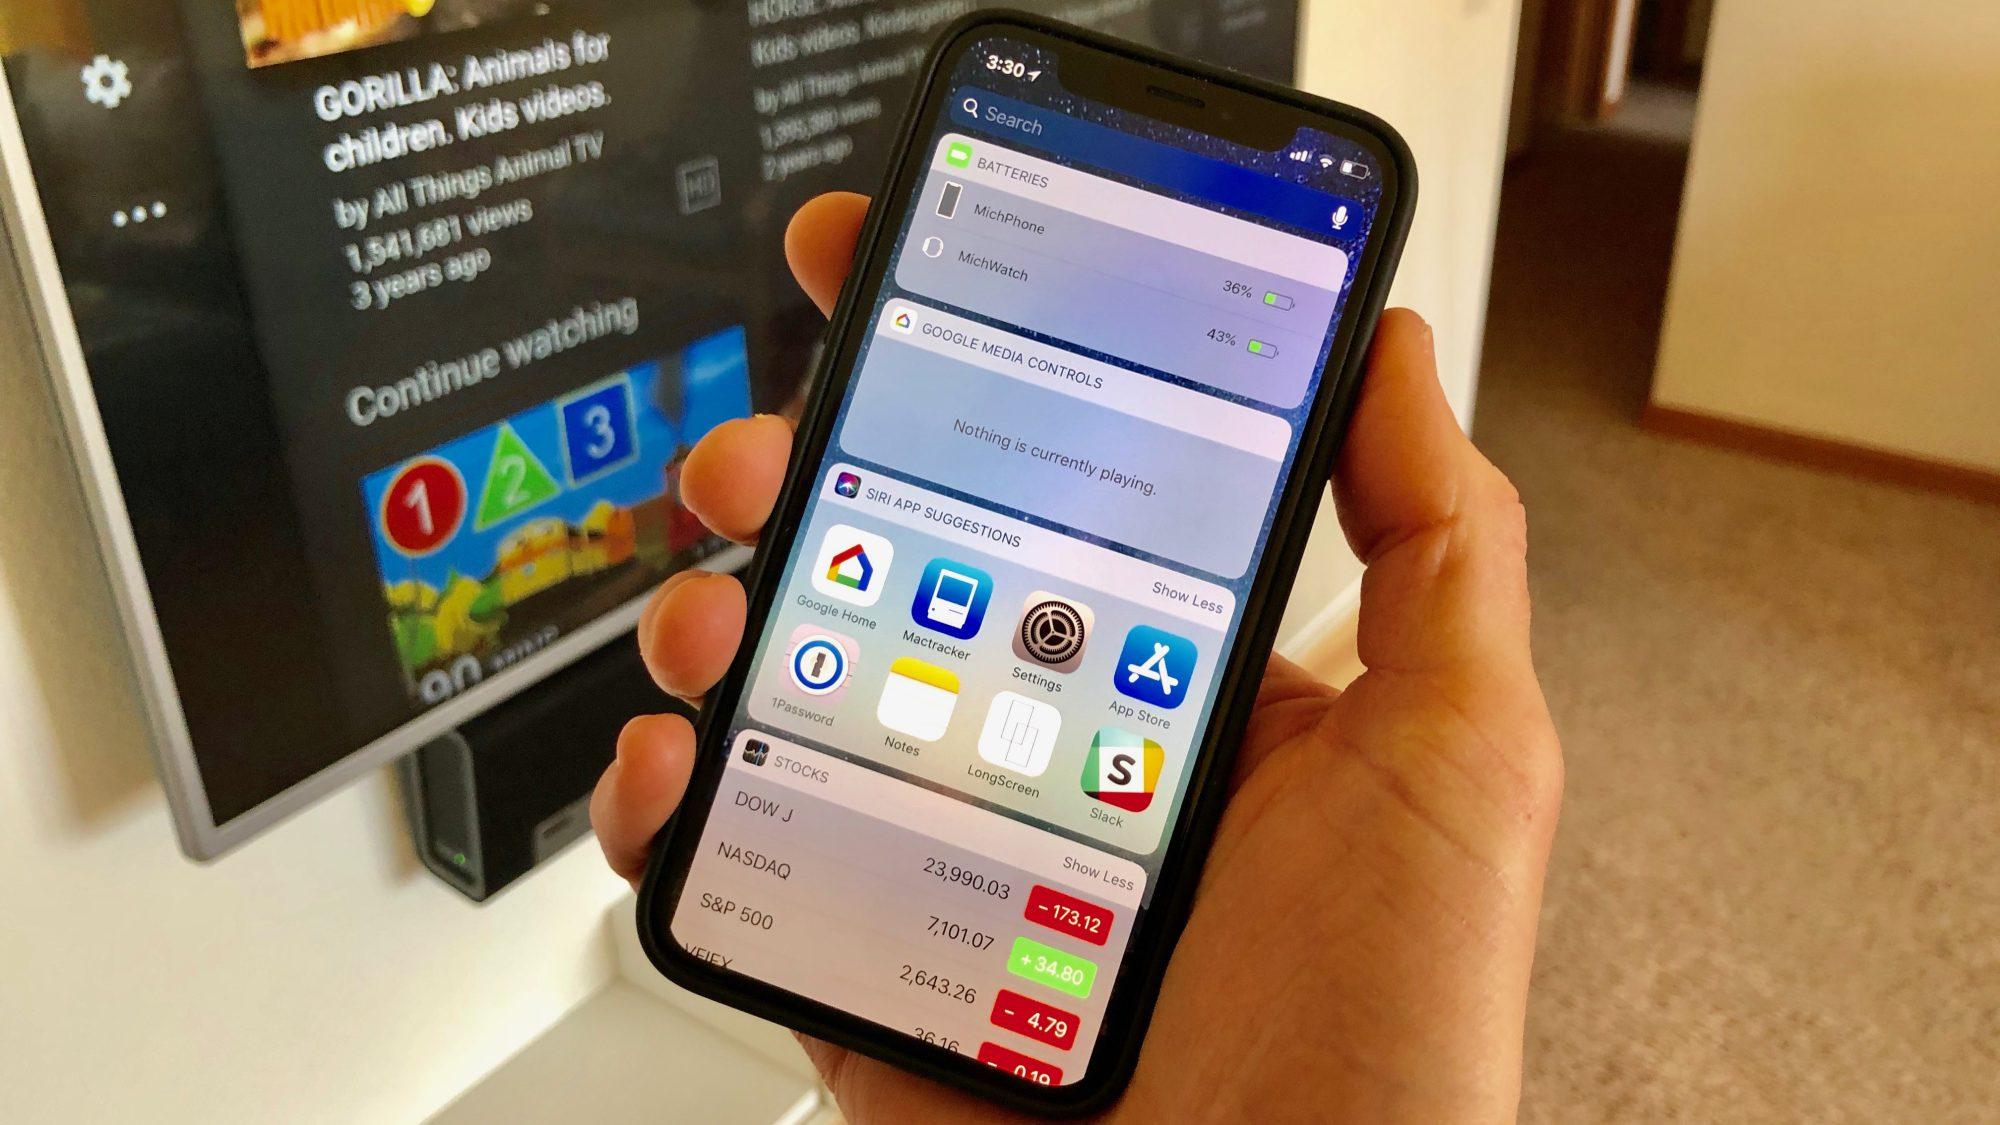 Google Home : un an après Android, l'application iOS se dote d'un widget de contrôle Chromecast